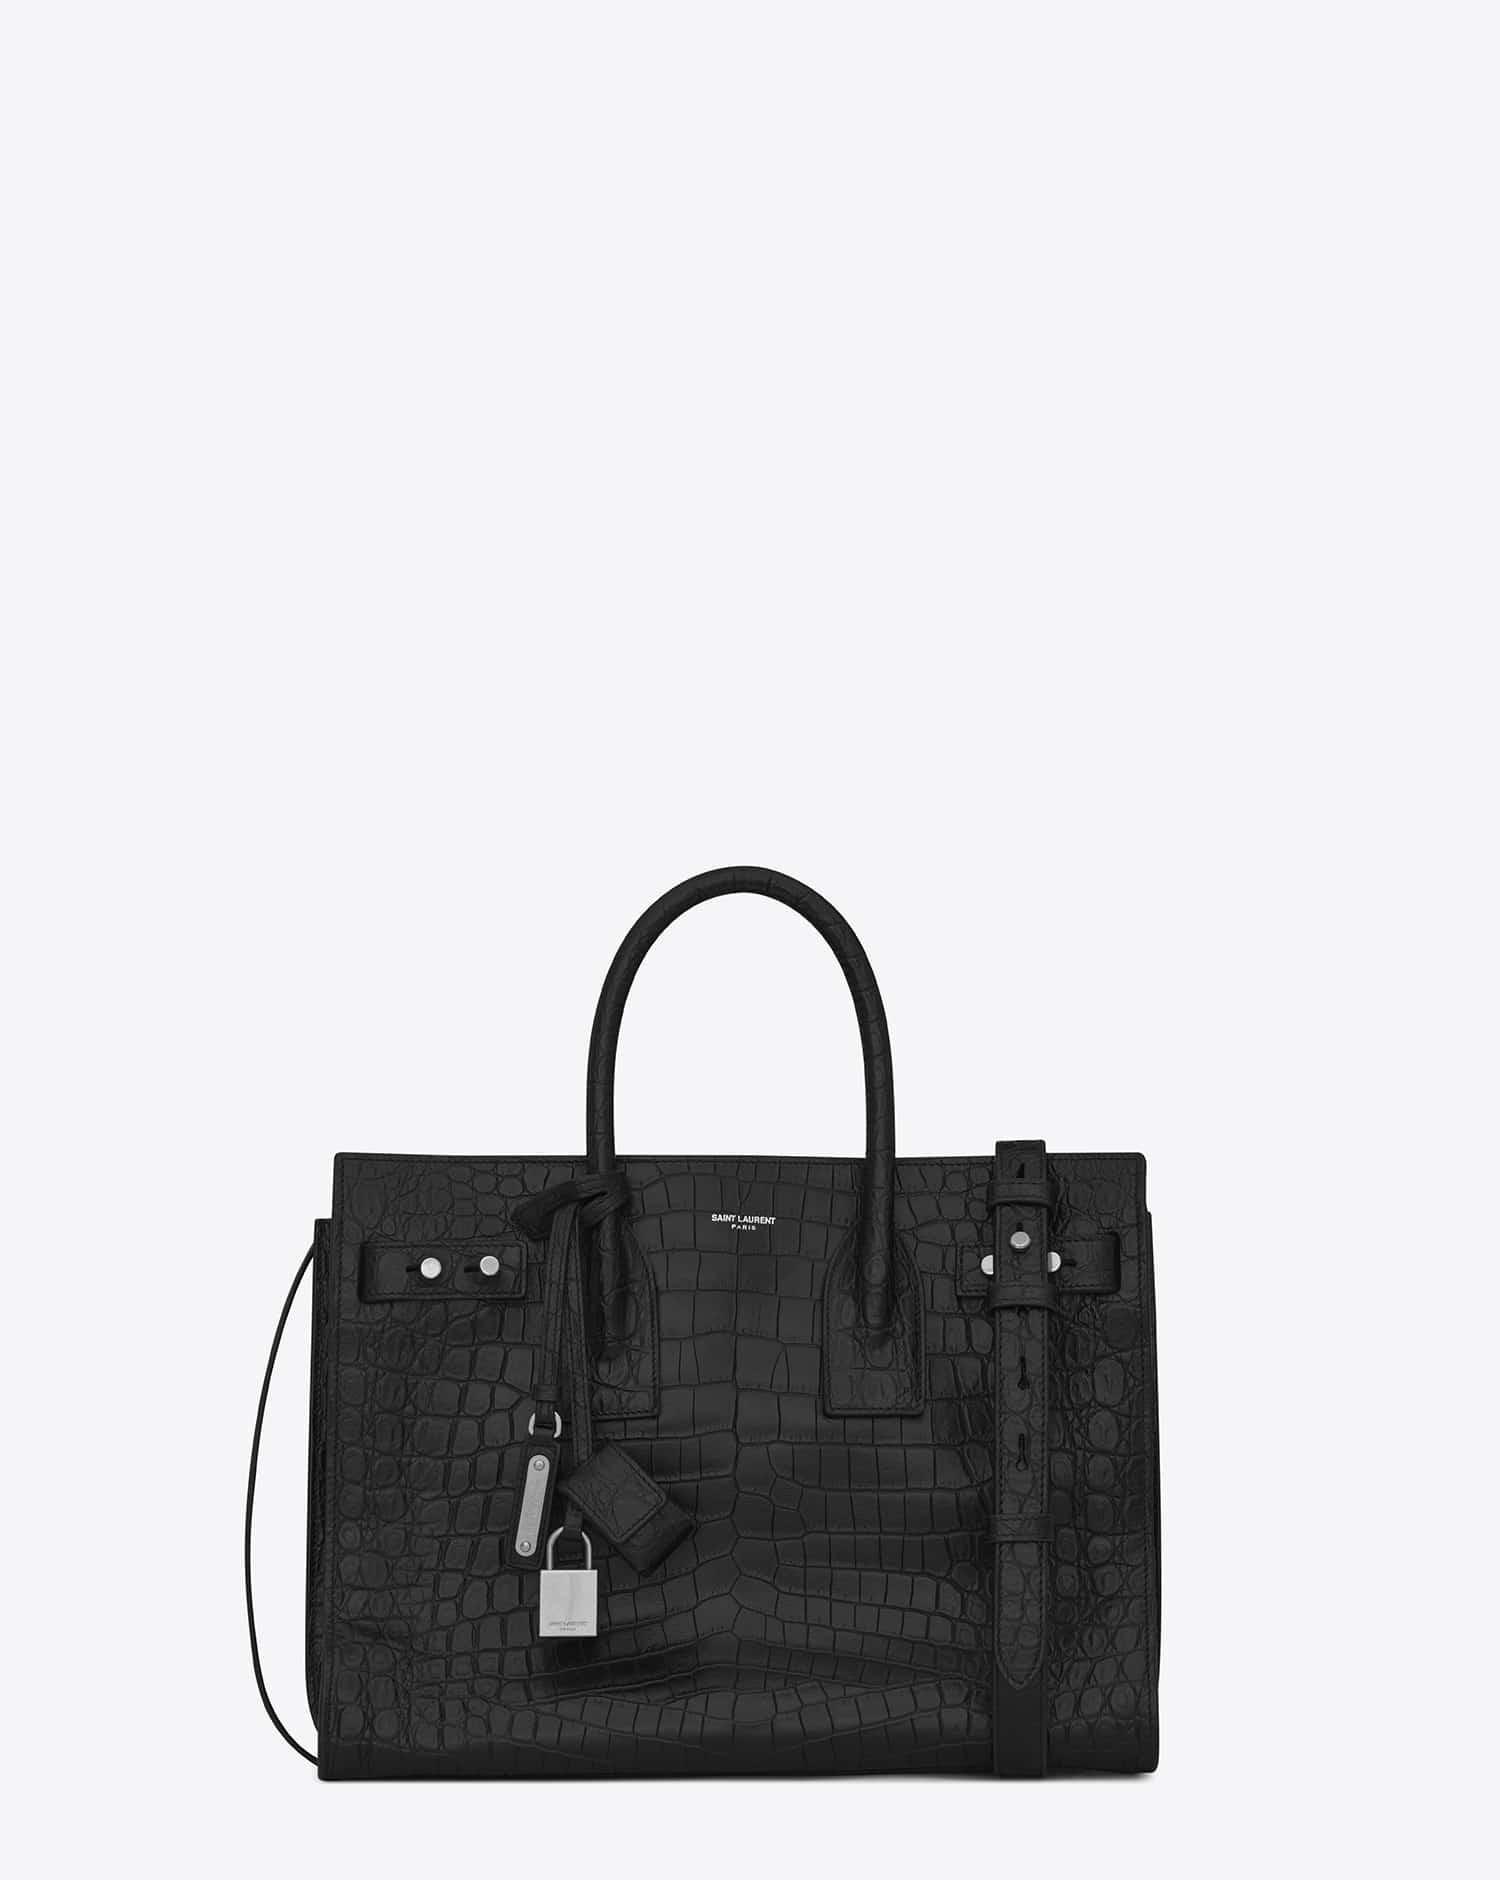 3a35d0aa3da5 Saint Laurent Spring Summer 2017 Bag Collection